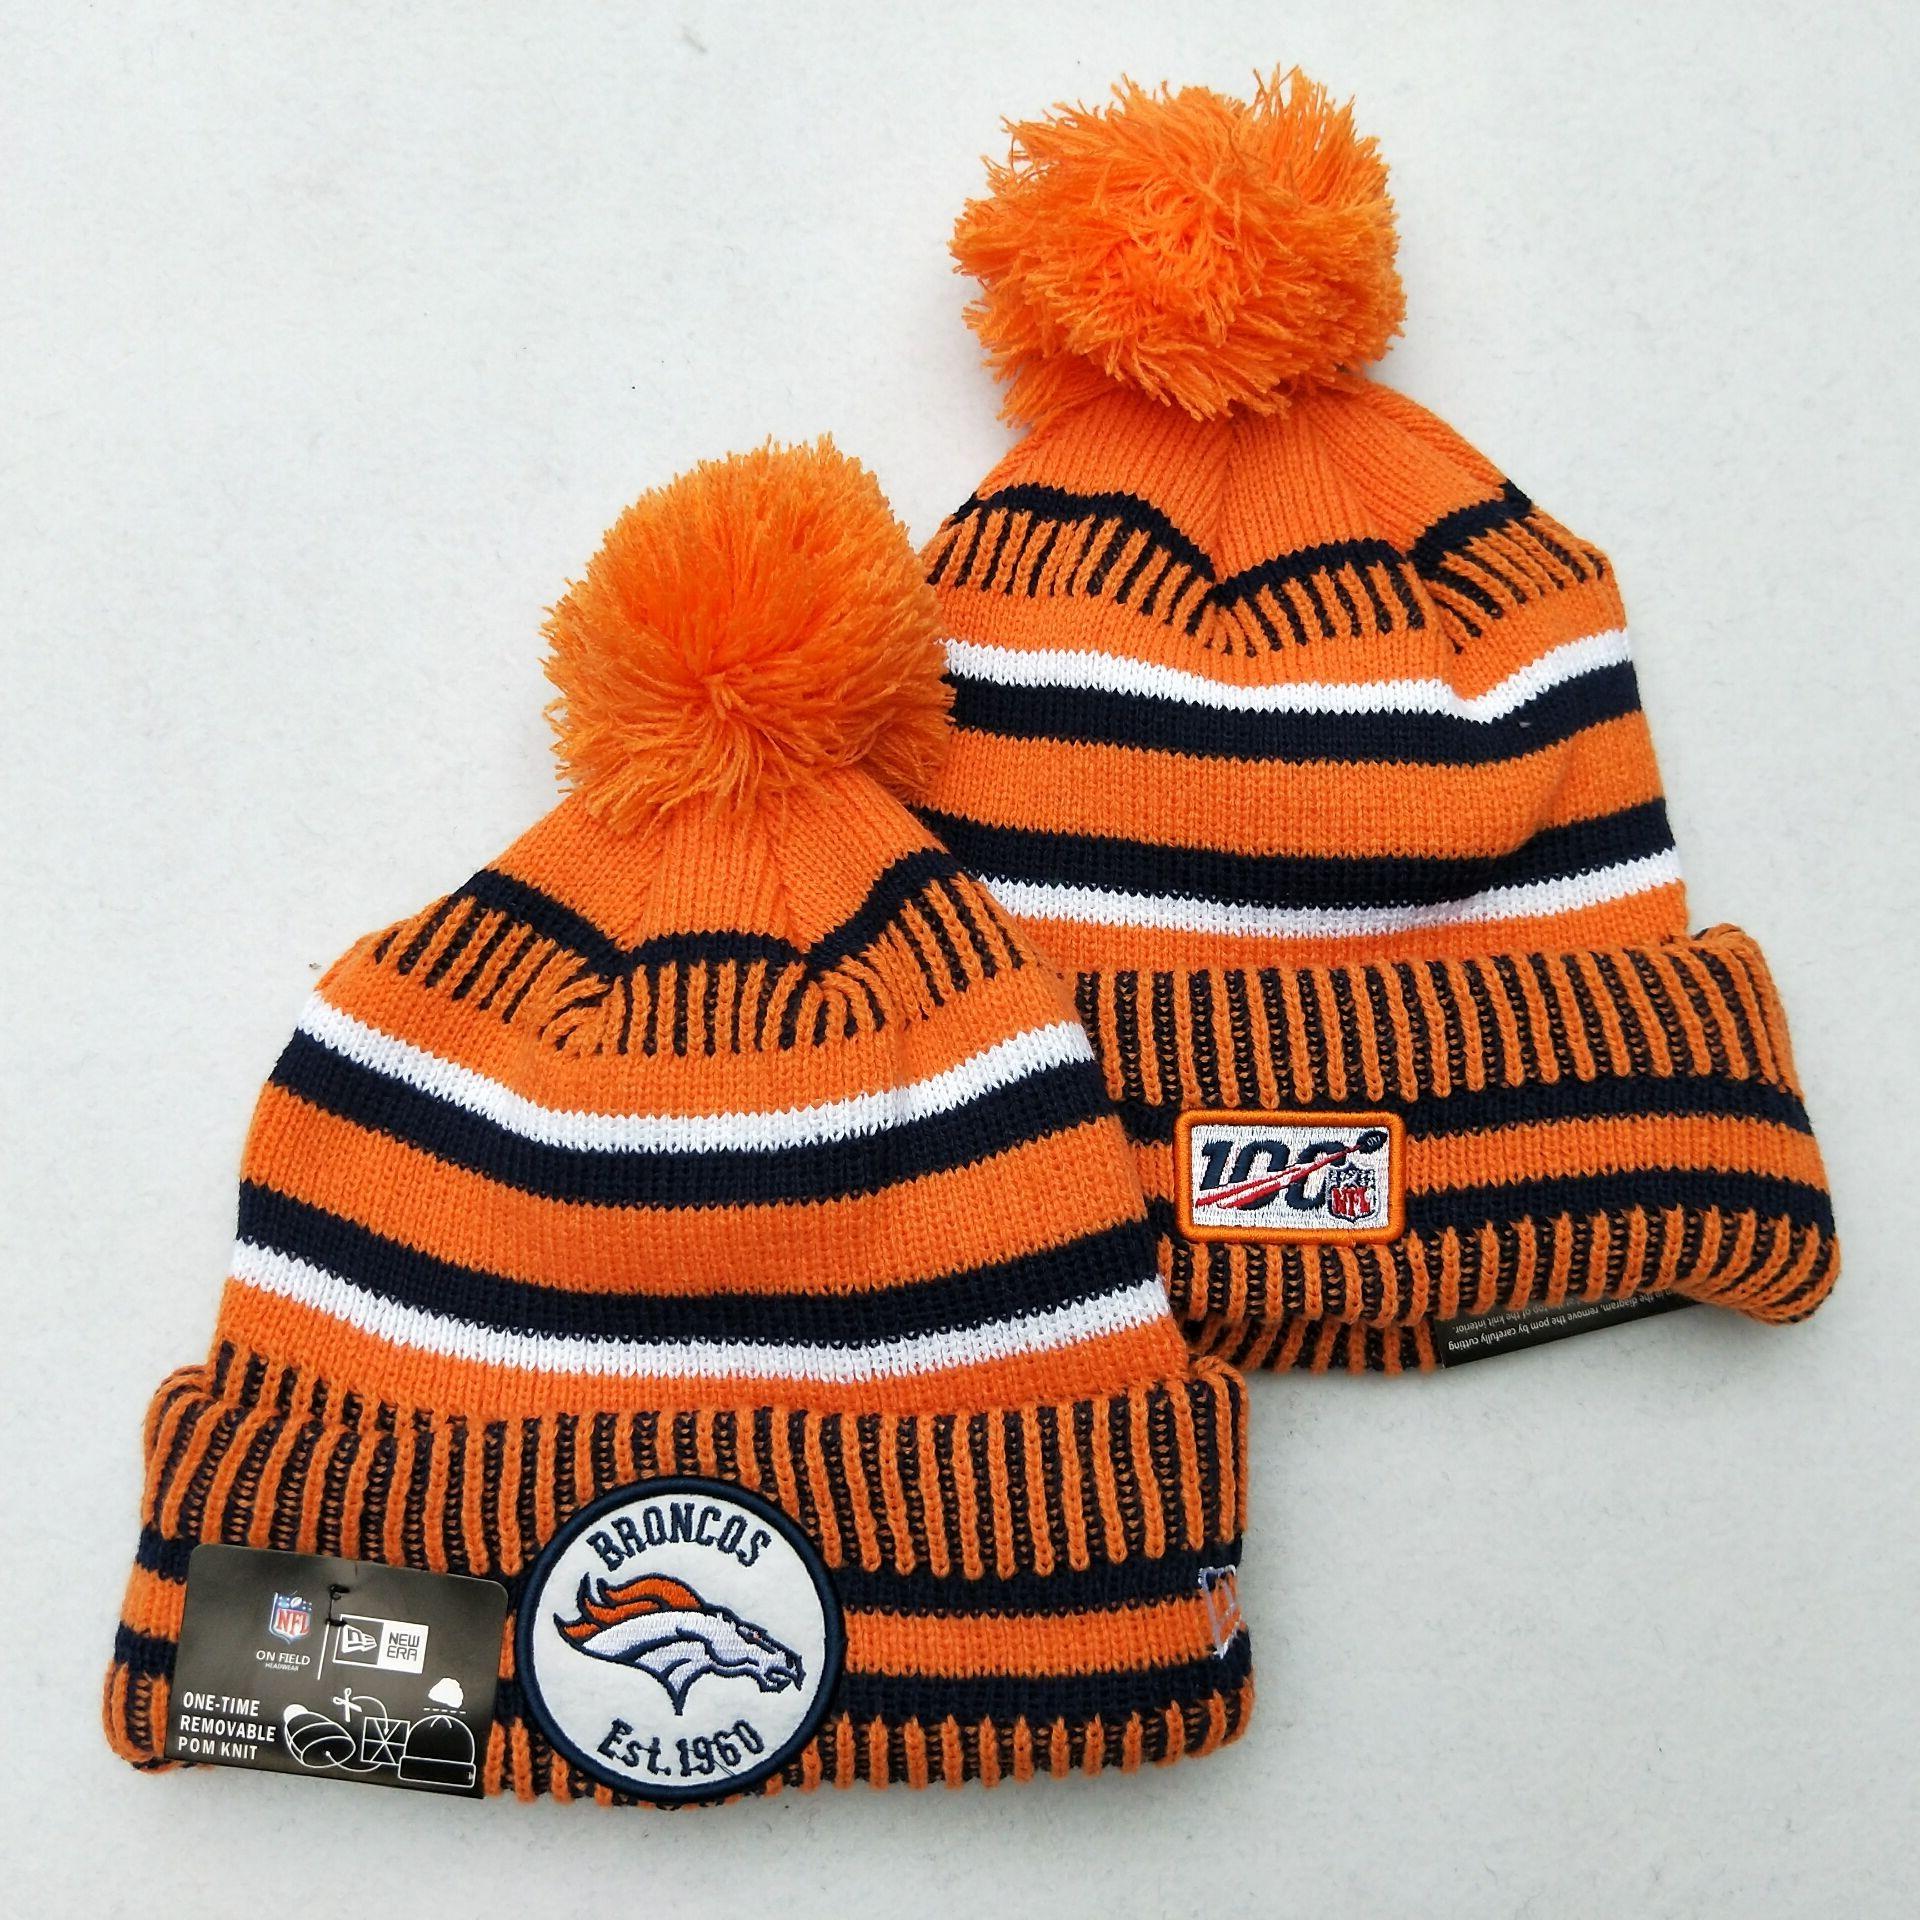 Broncos Team Logo Orange 100th Season Pom Knit Hat YD